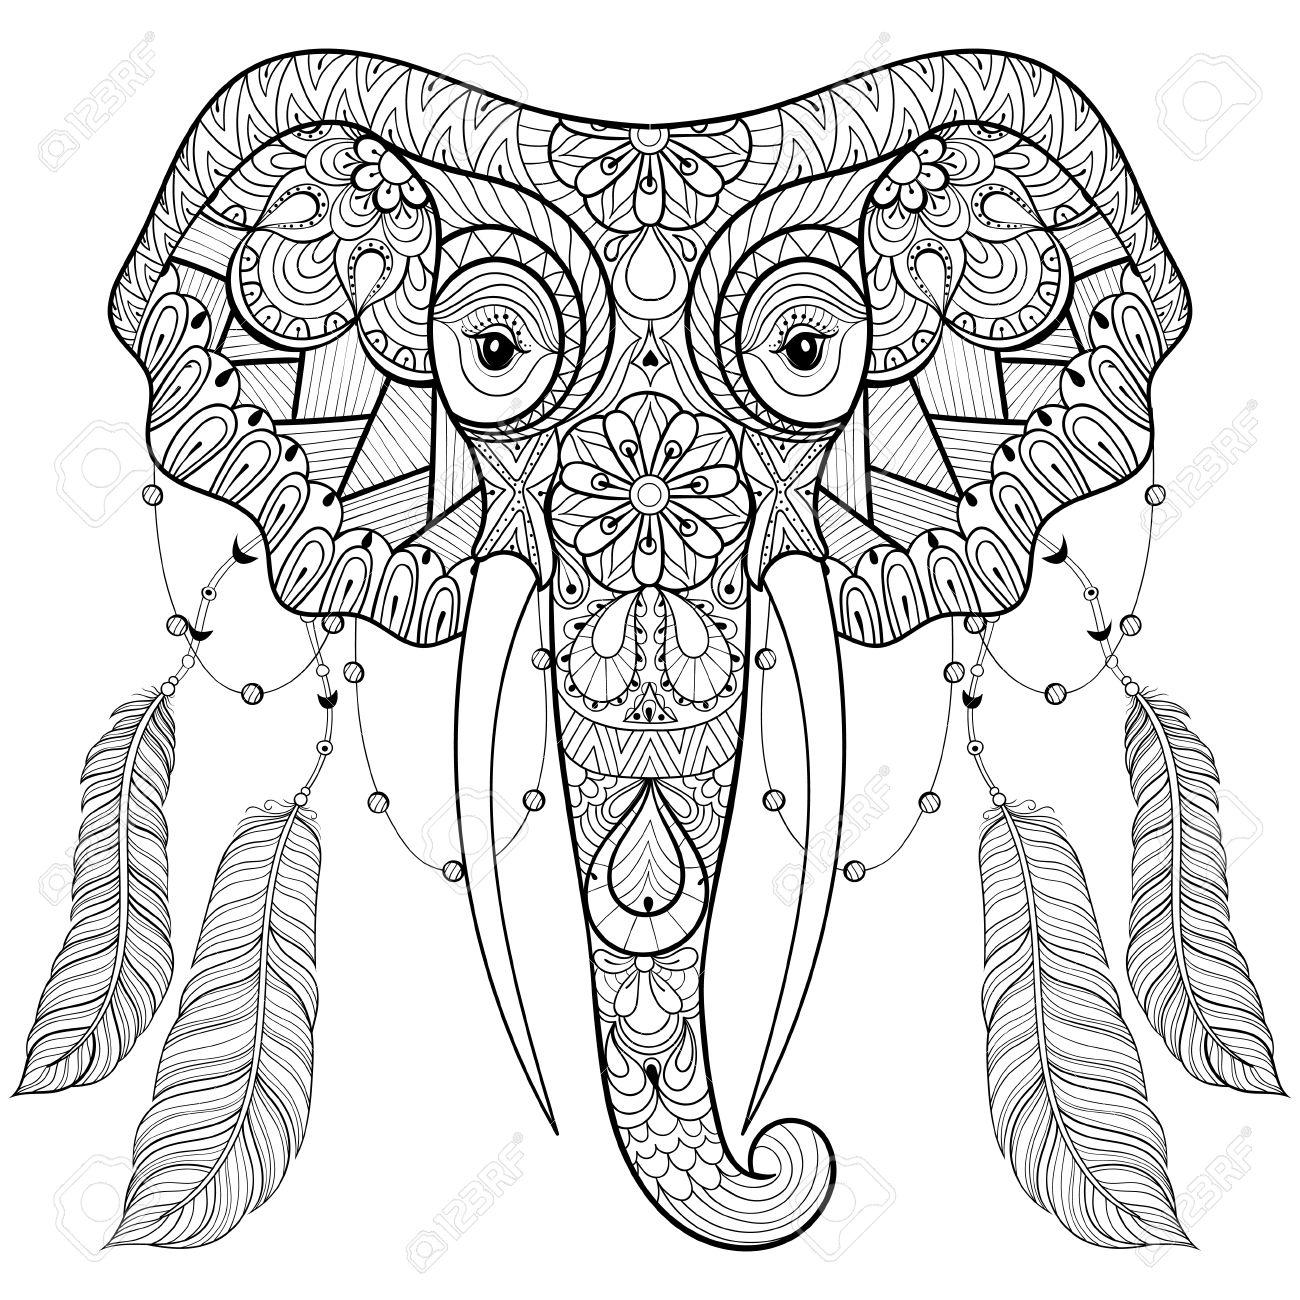 Elefante Indio Zentangle Con Plumas De Aves En El Estilo Boho Chic ...